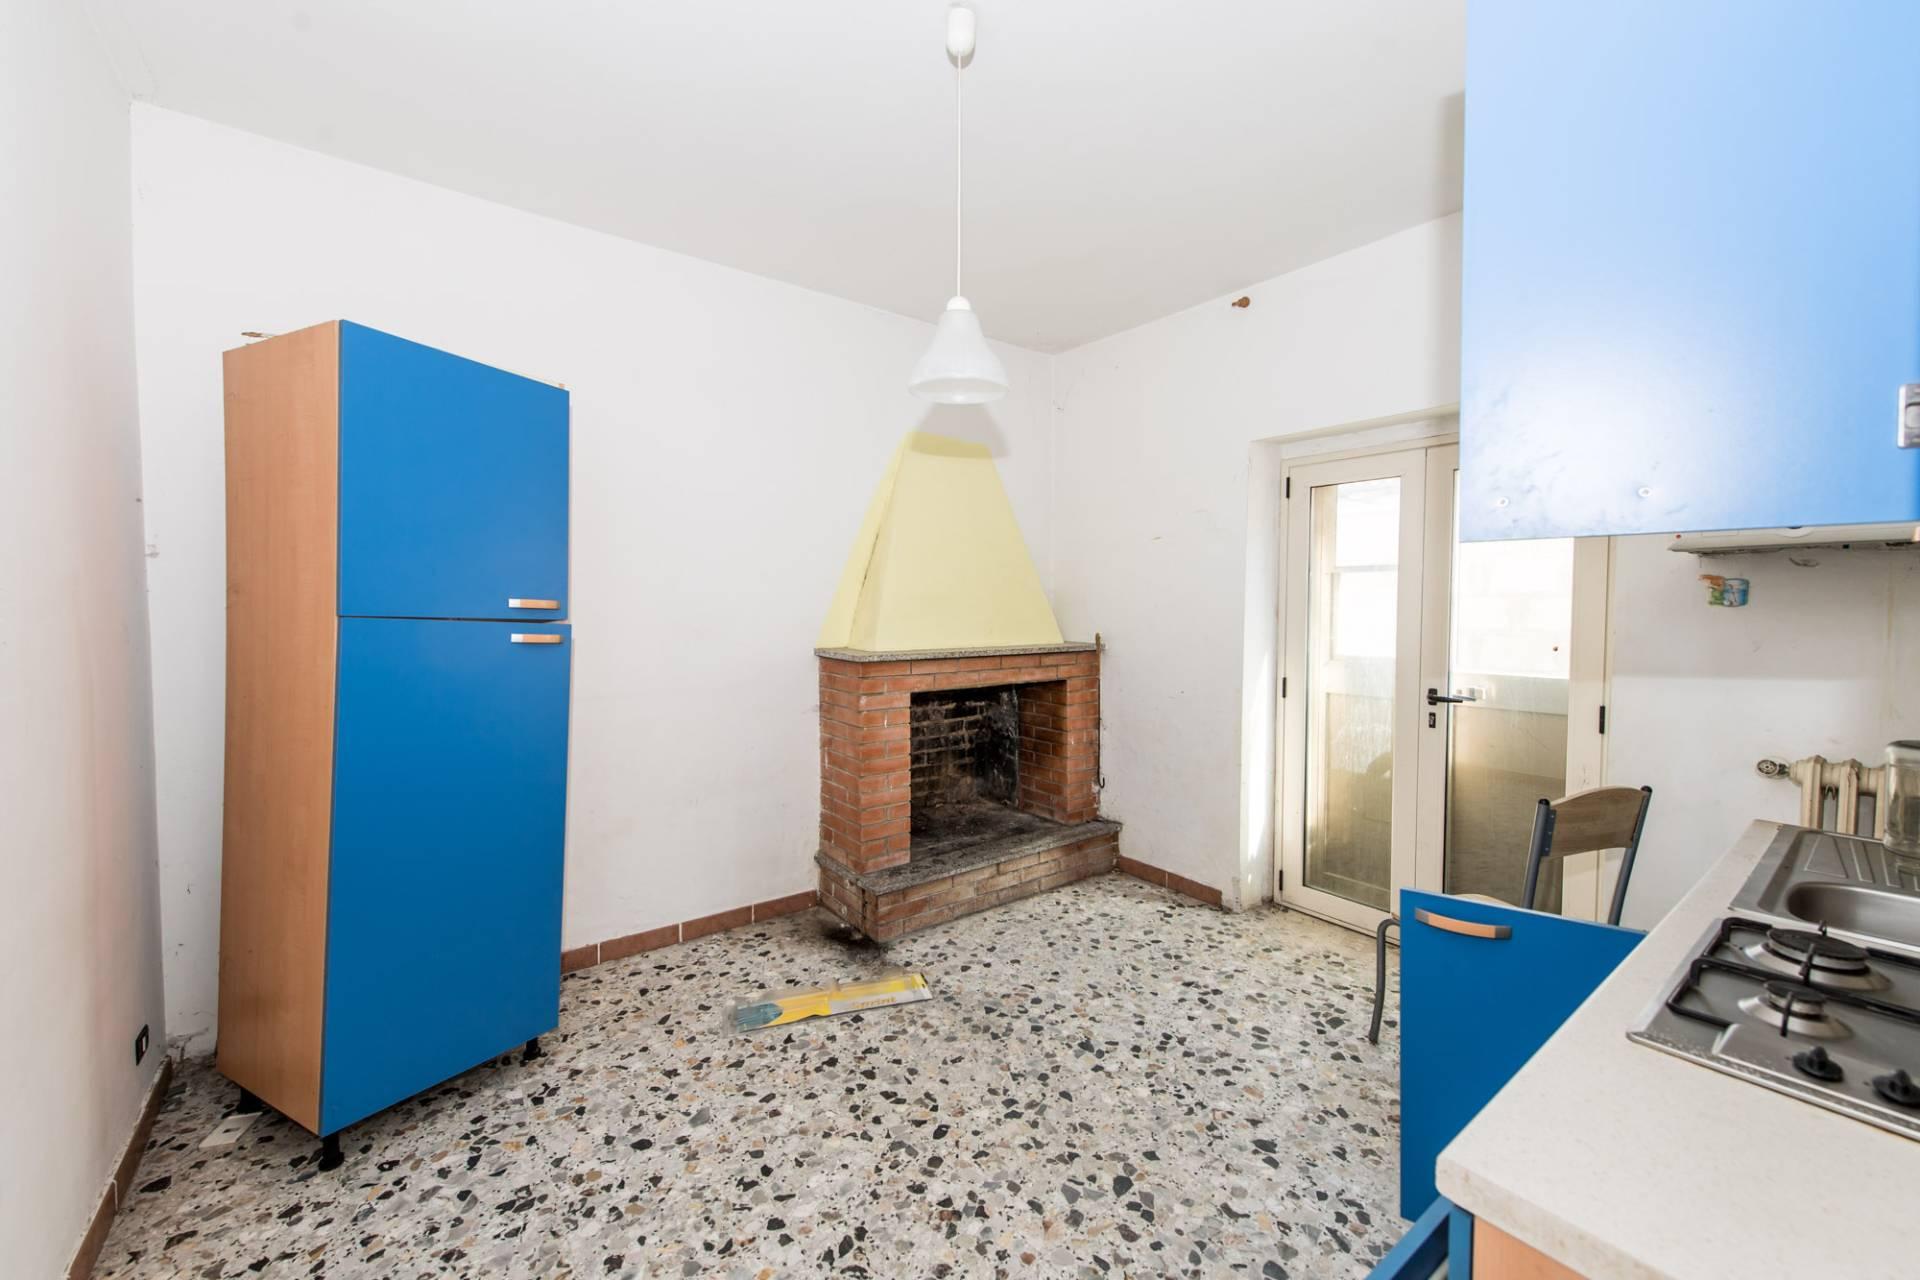 Appartamento in vendita a Ortona, 5 locali, prezzo € 92.000 | CambioCasa.it